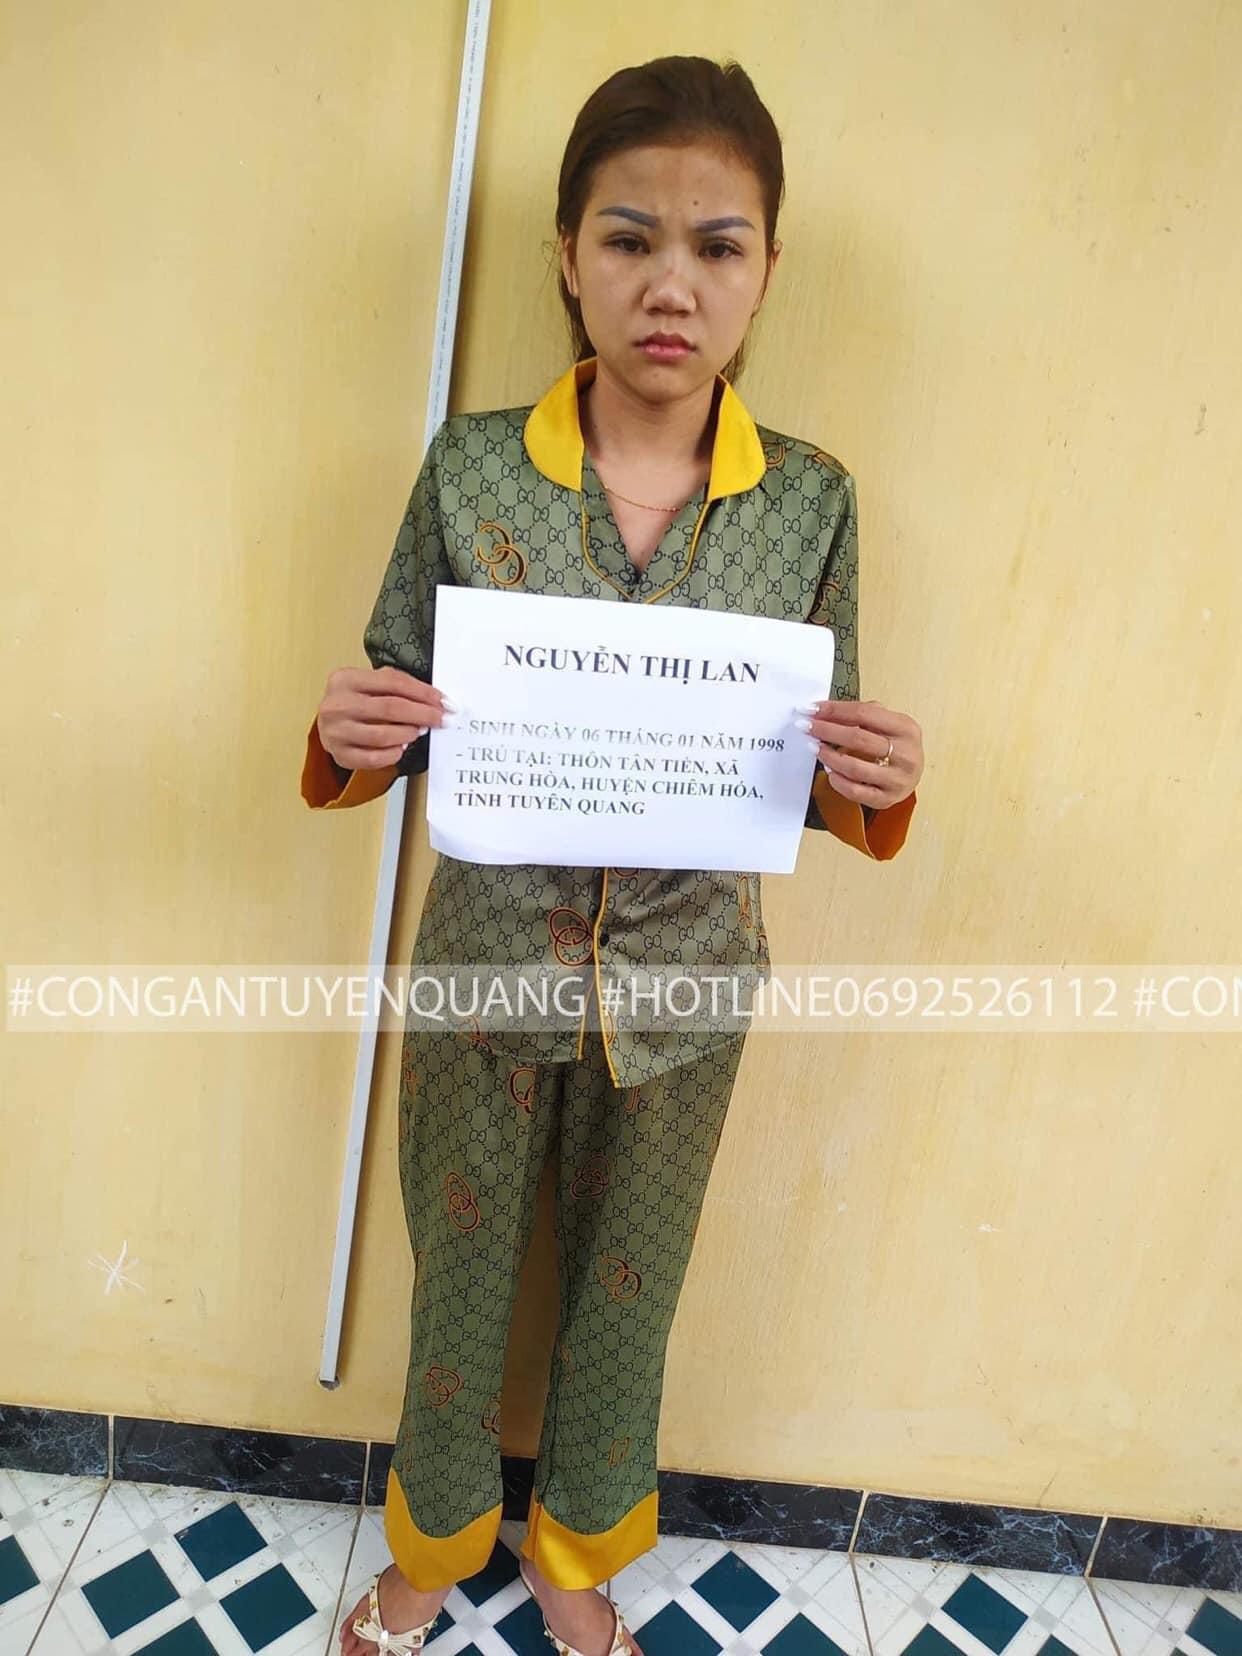 Dung nhan gây ngỡ ngàng của 'tú bà' 9X điều hành đường dây đi khách liên tỉnh  1